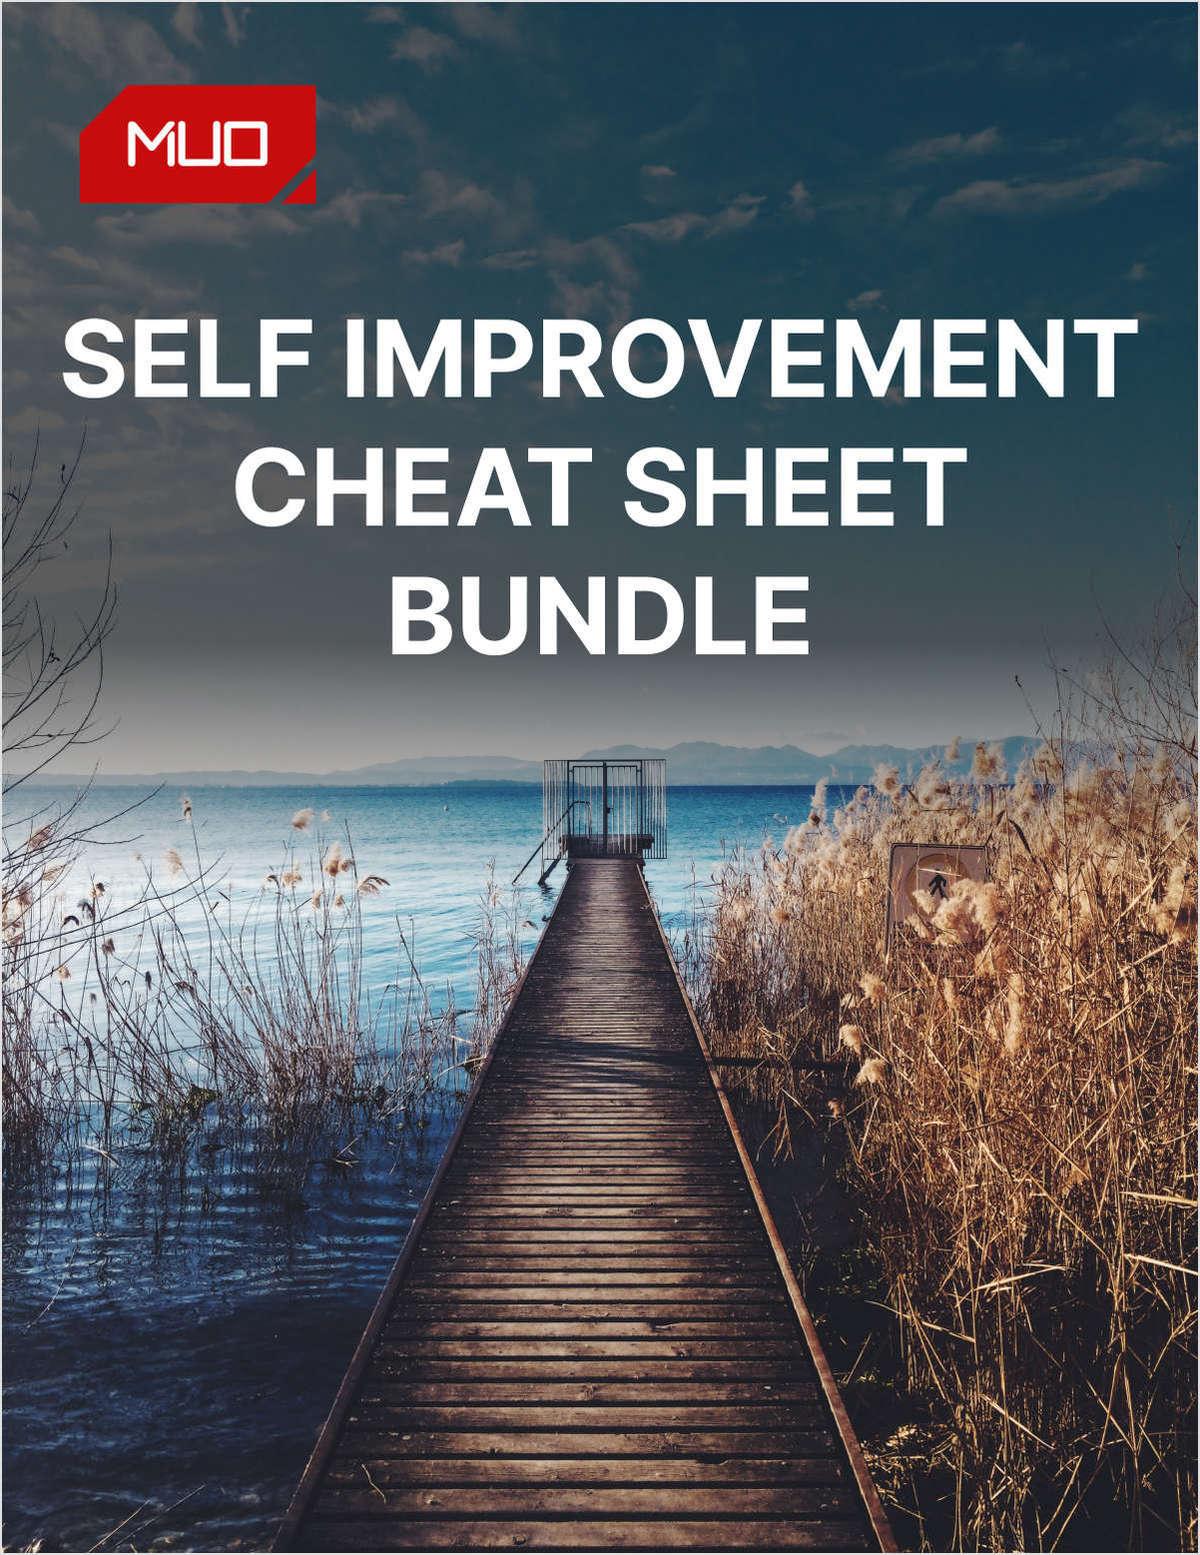 Self Improvement Cheat Sheet Bundle